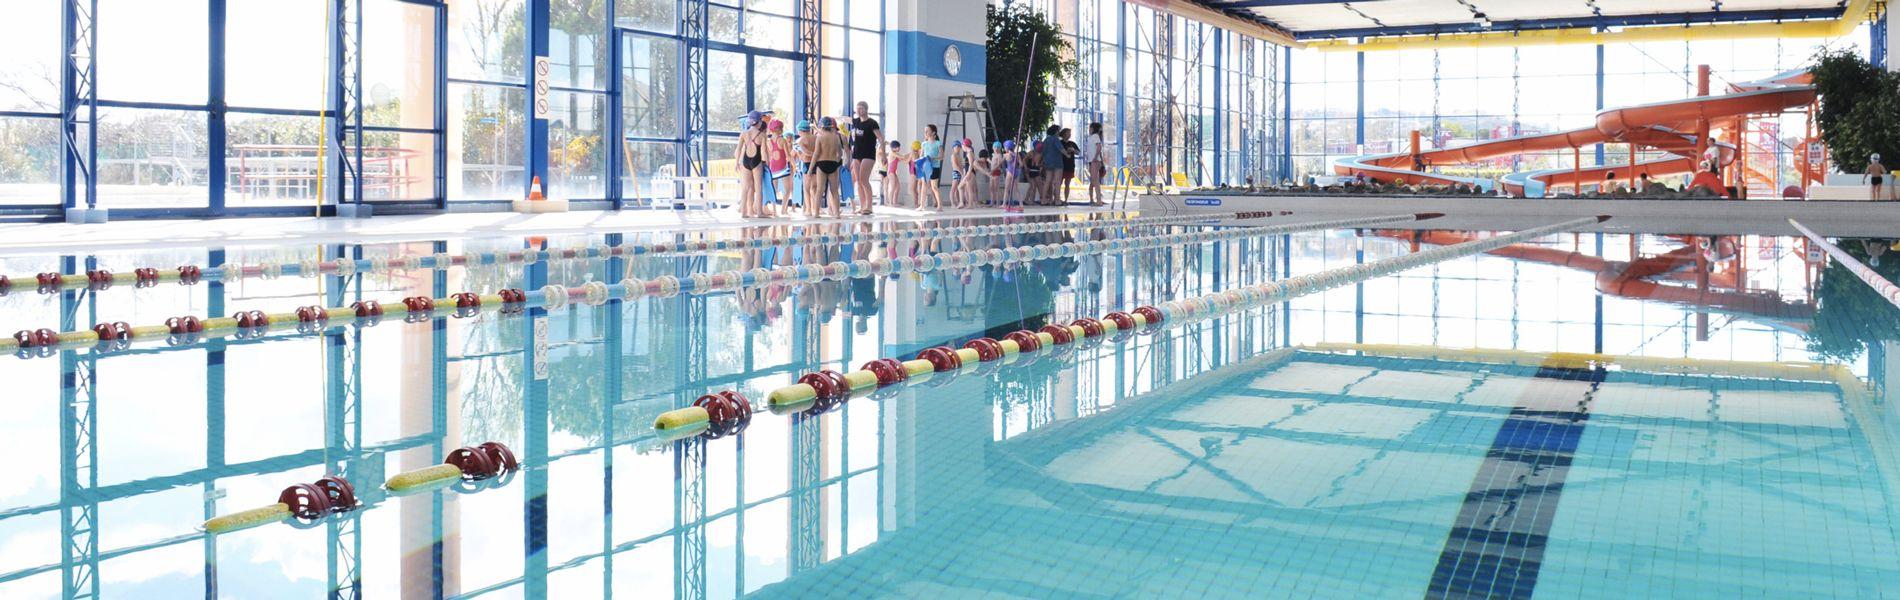 La piscine de l'espace de liberté